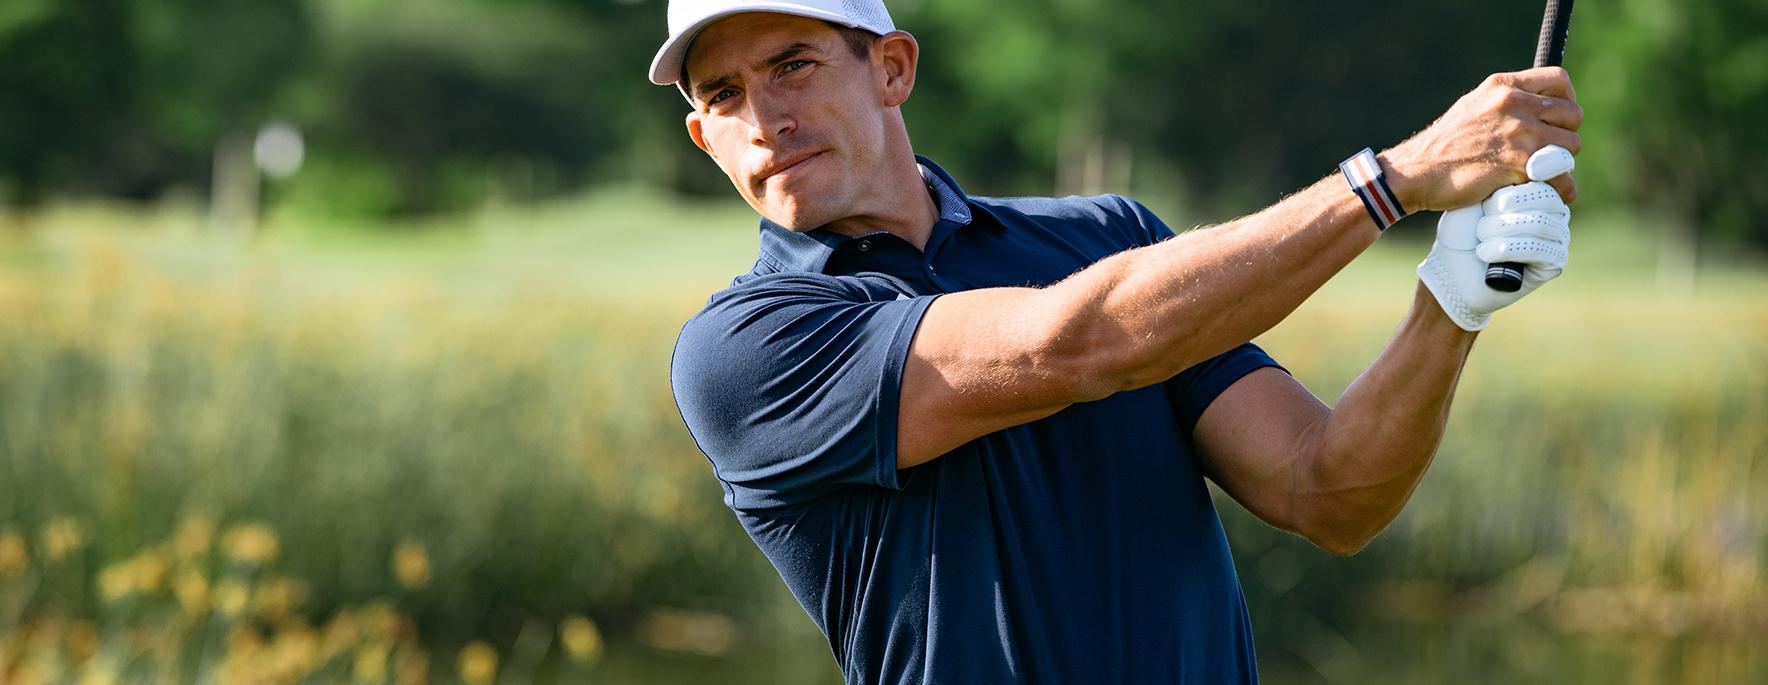 scott stallings pro golfer pga tour winner and tasc athlete